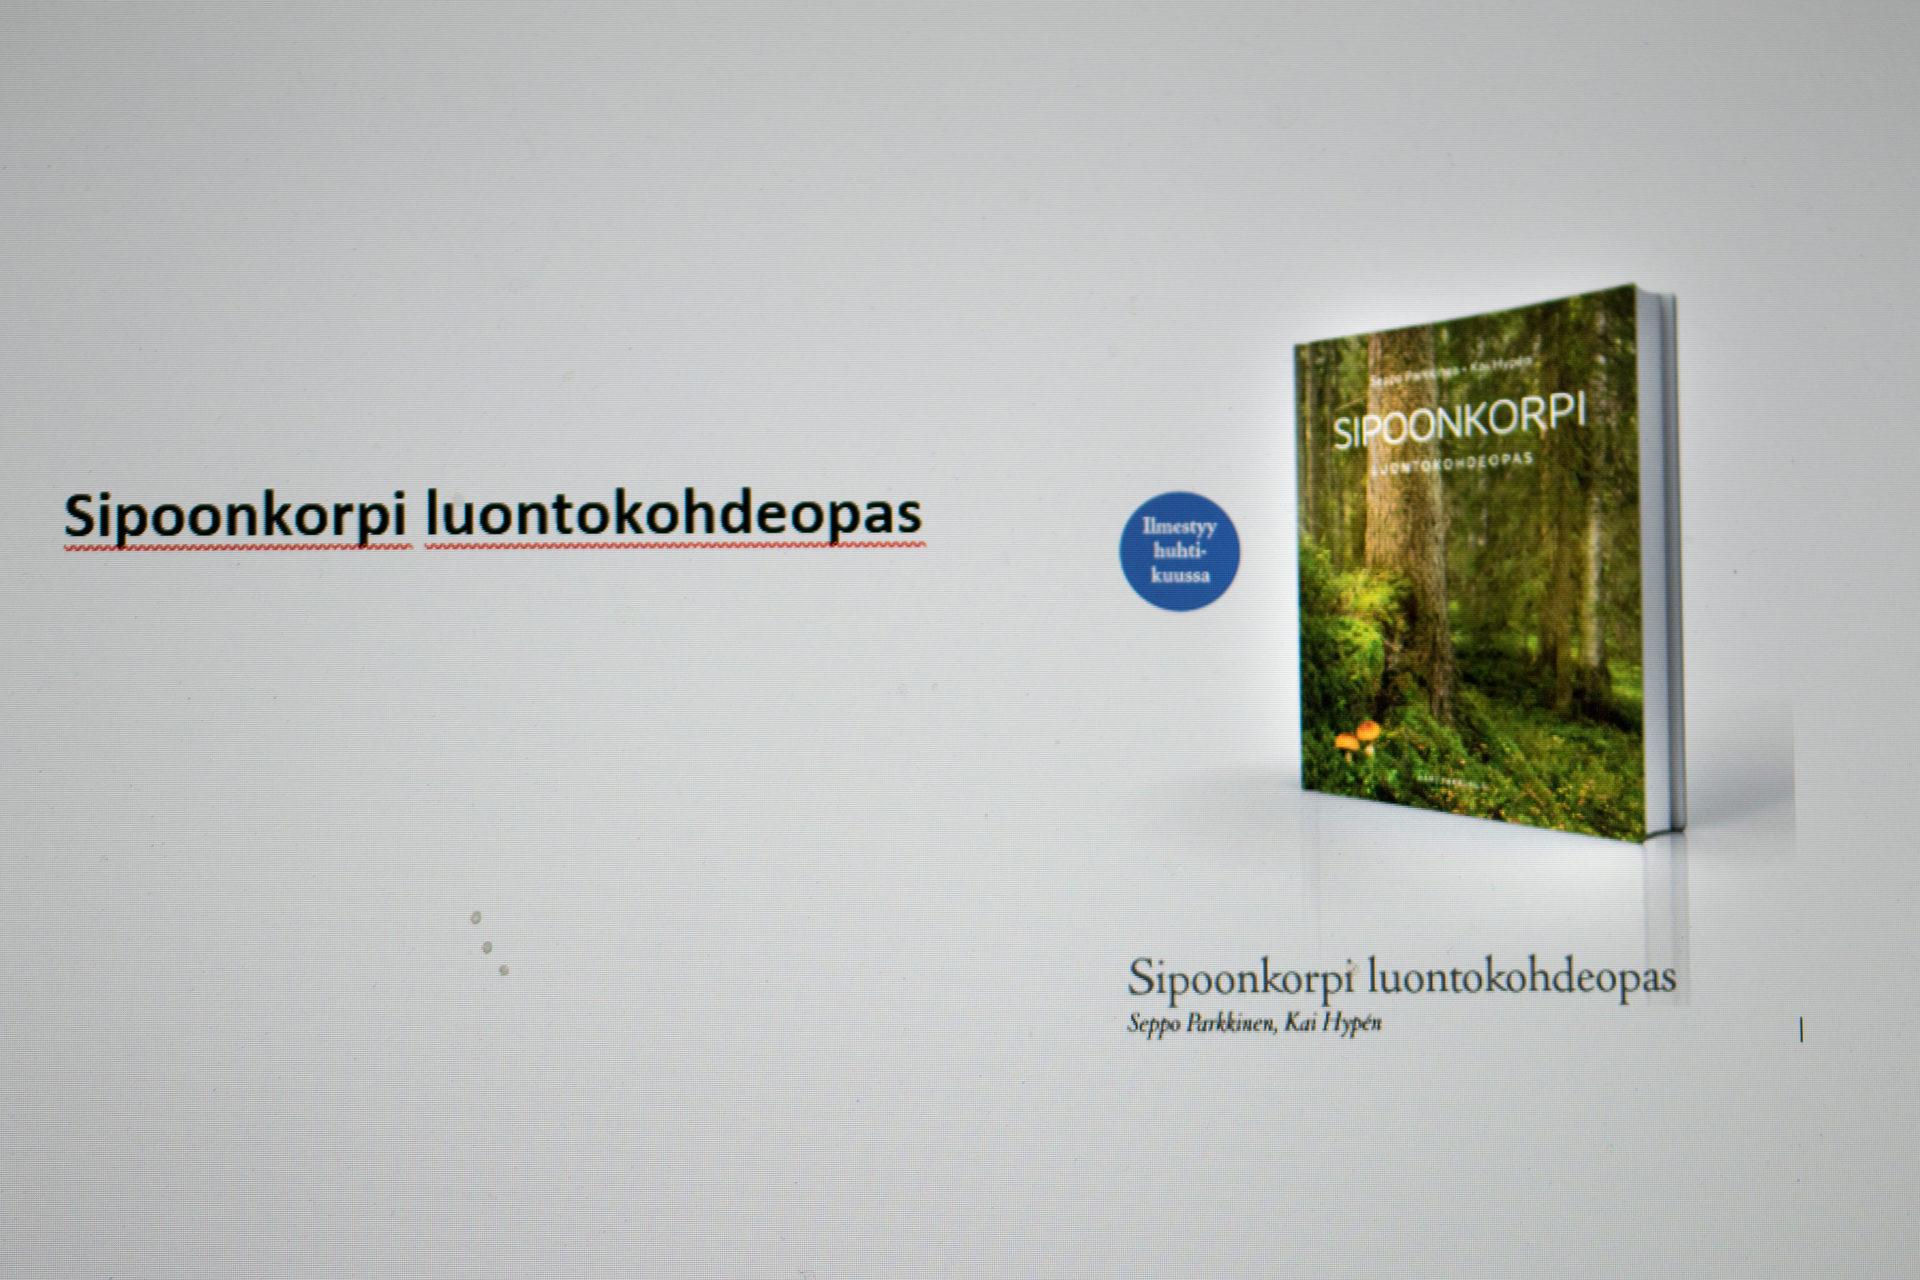 Sipoonkorpi luontokohdeopas, ennakkotilaus